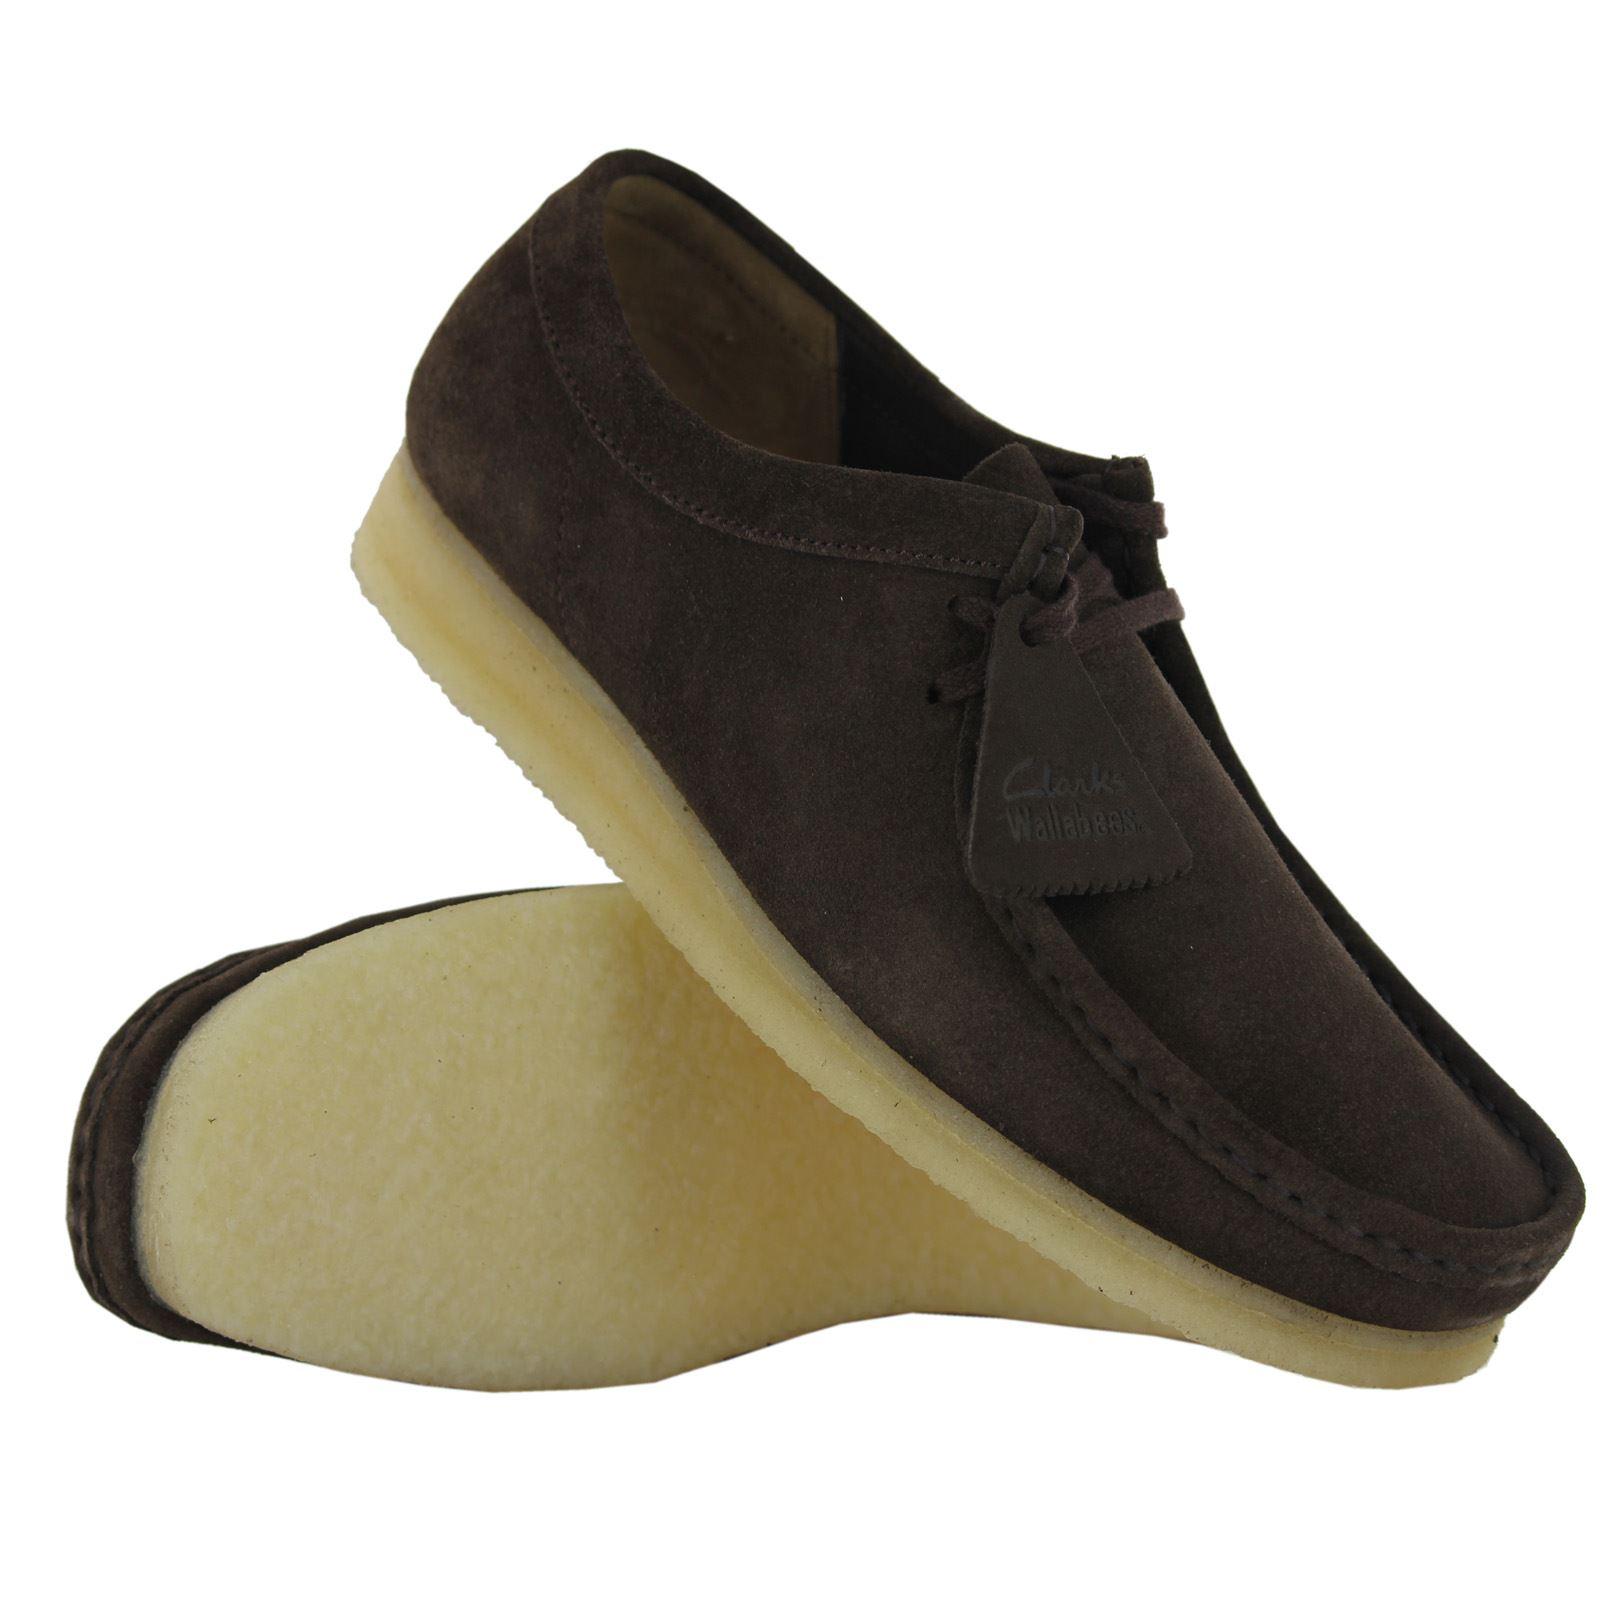 Clarks Ver Casuales Gamuza Para Título De Zapatos Original Detalles Wallabee Clásico Hombre Encaje Con fb67gYyv